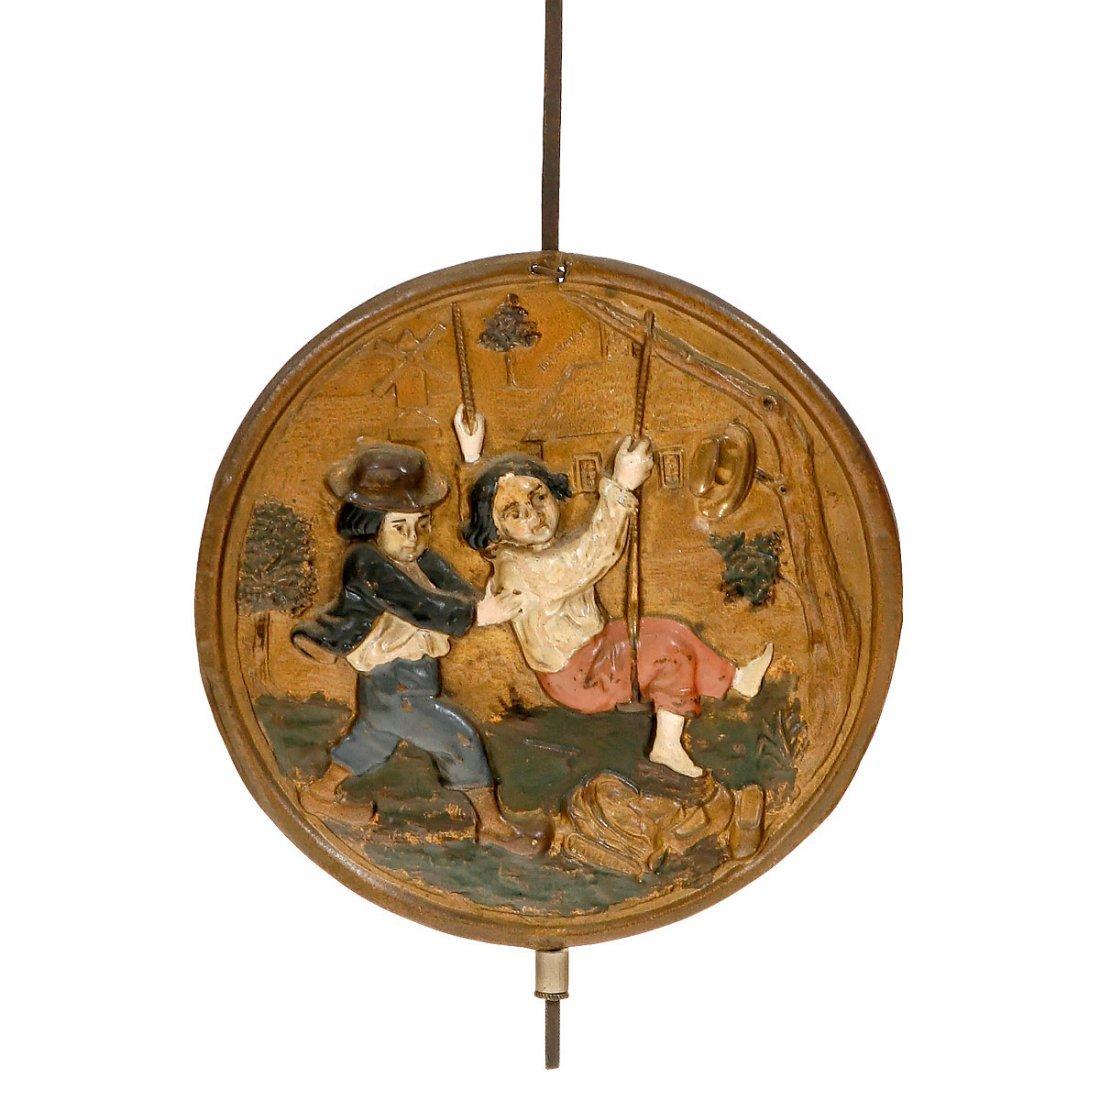 Comtoise with Alarm, c. 1850 - 3